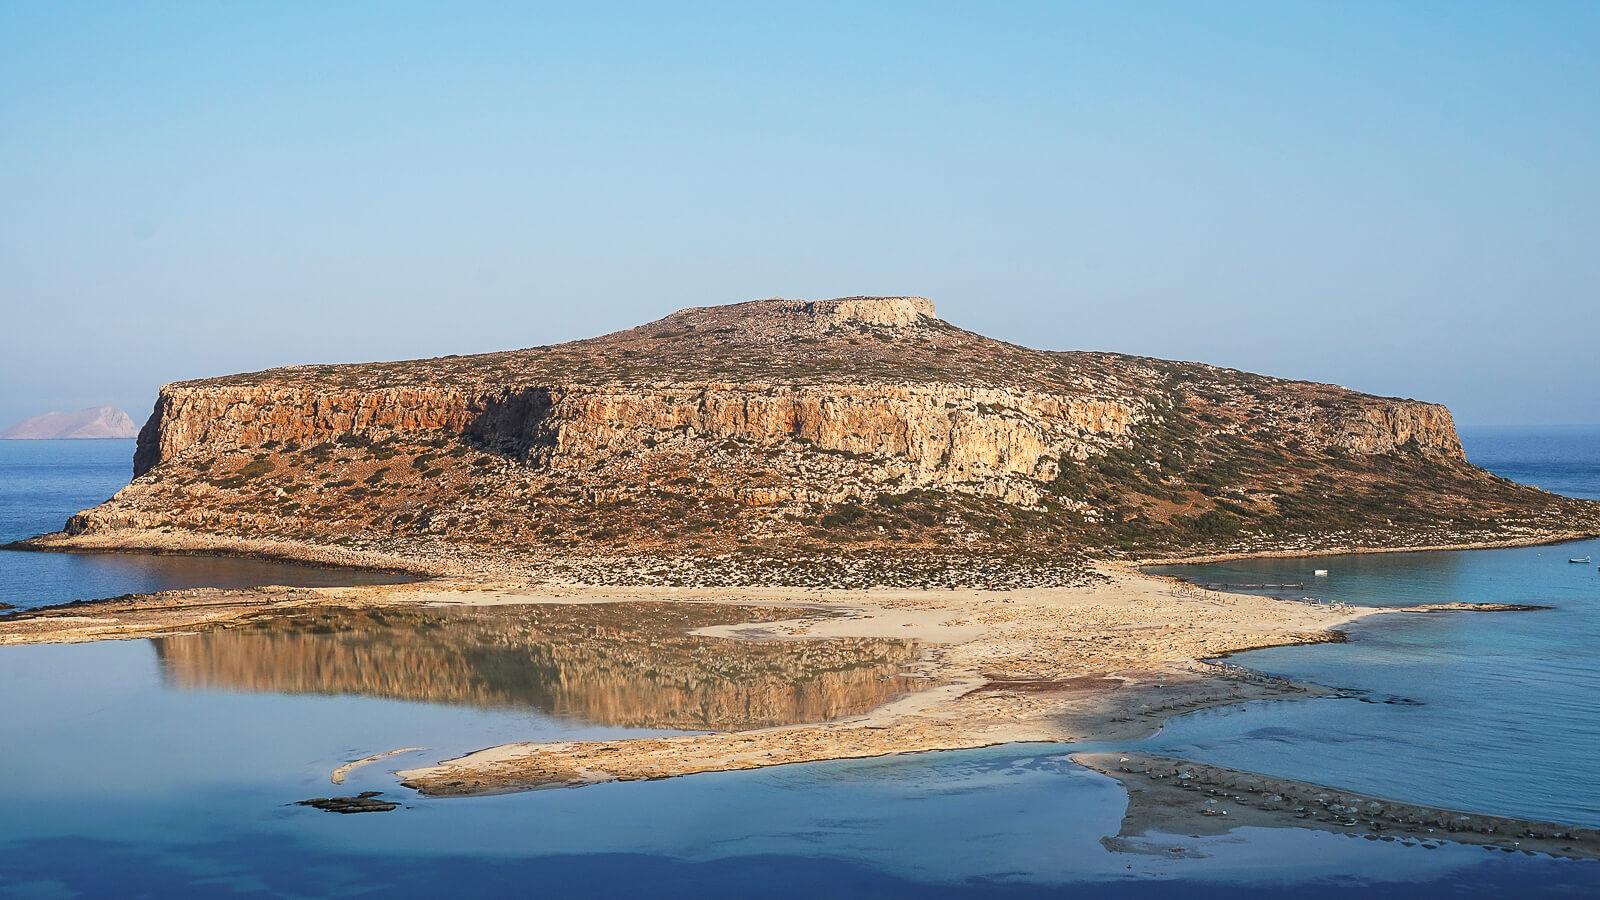 Balos lagūna ir Gramvusa (Gramvousa): laivu ar automobiliu?